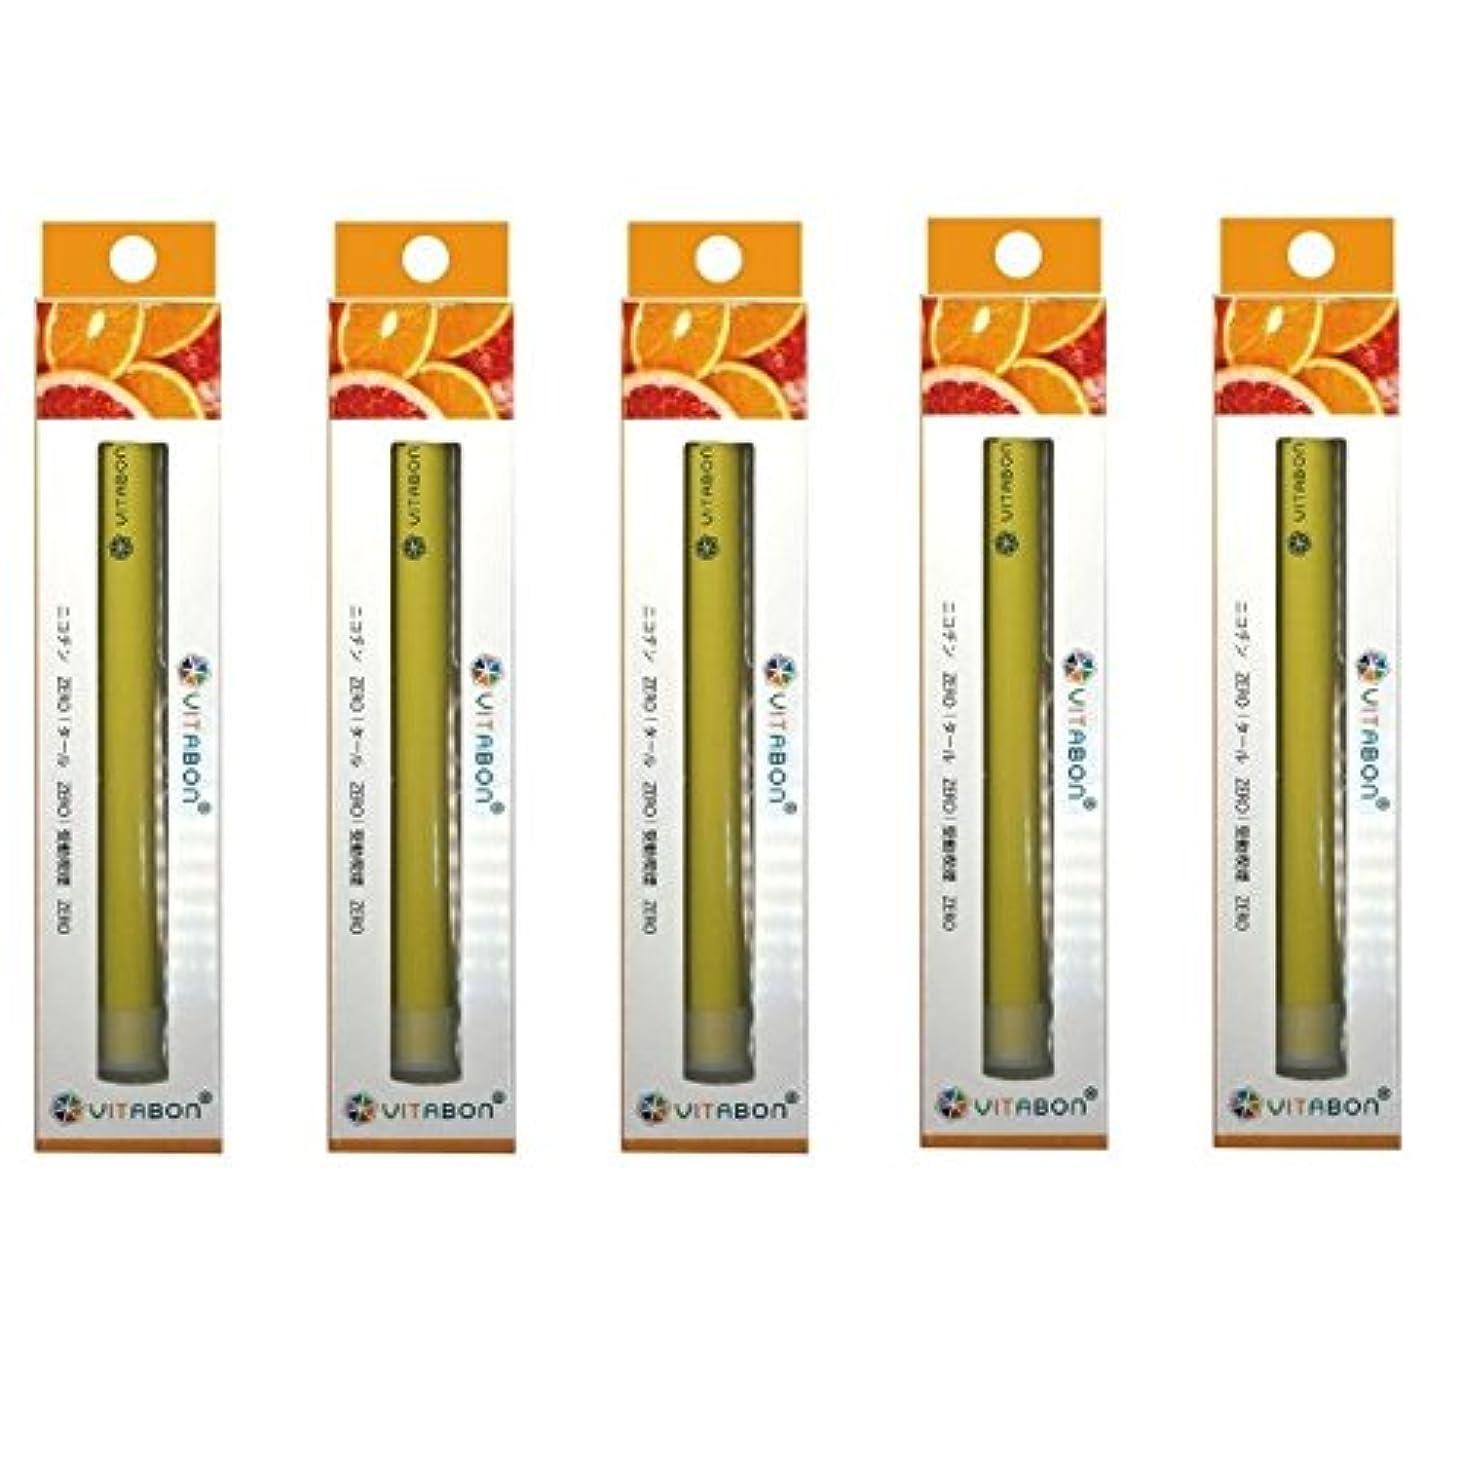 トラックバイバイ絶望的な【5本セット】 VITABON ビタボン Energize(オレンジ?グレープフルーツフレーバー)